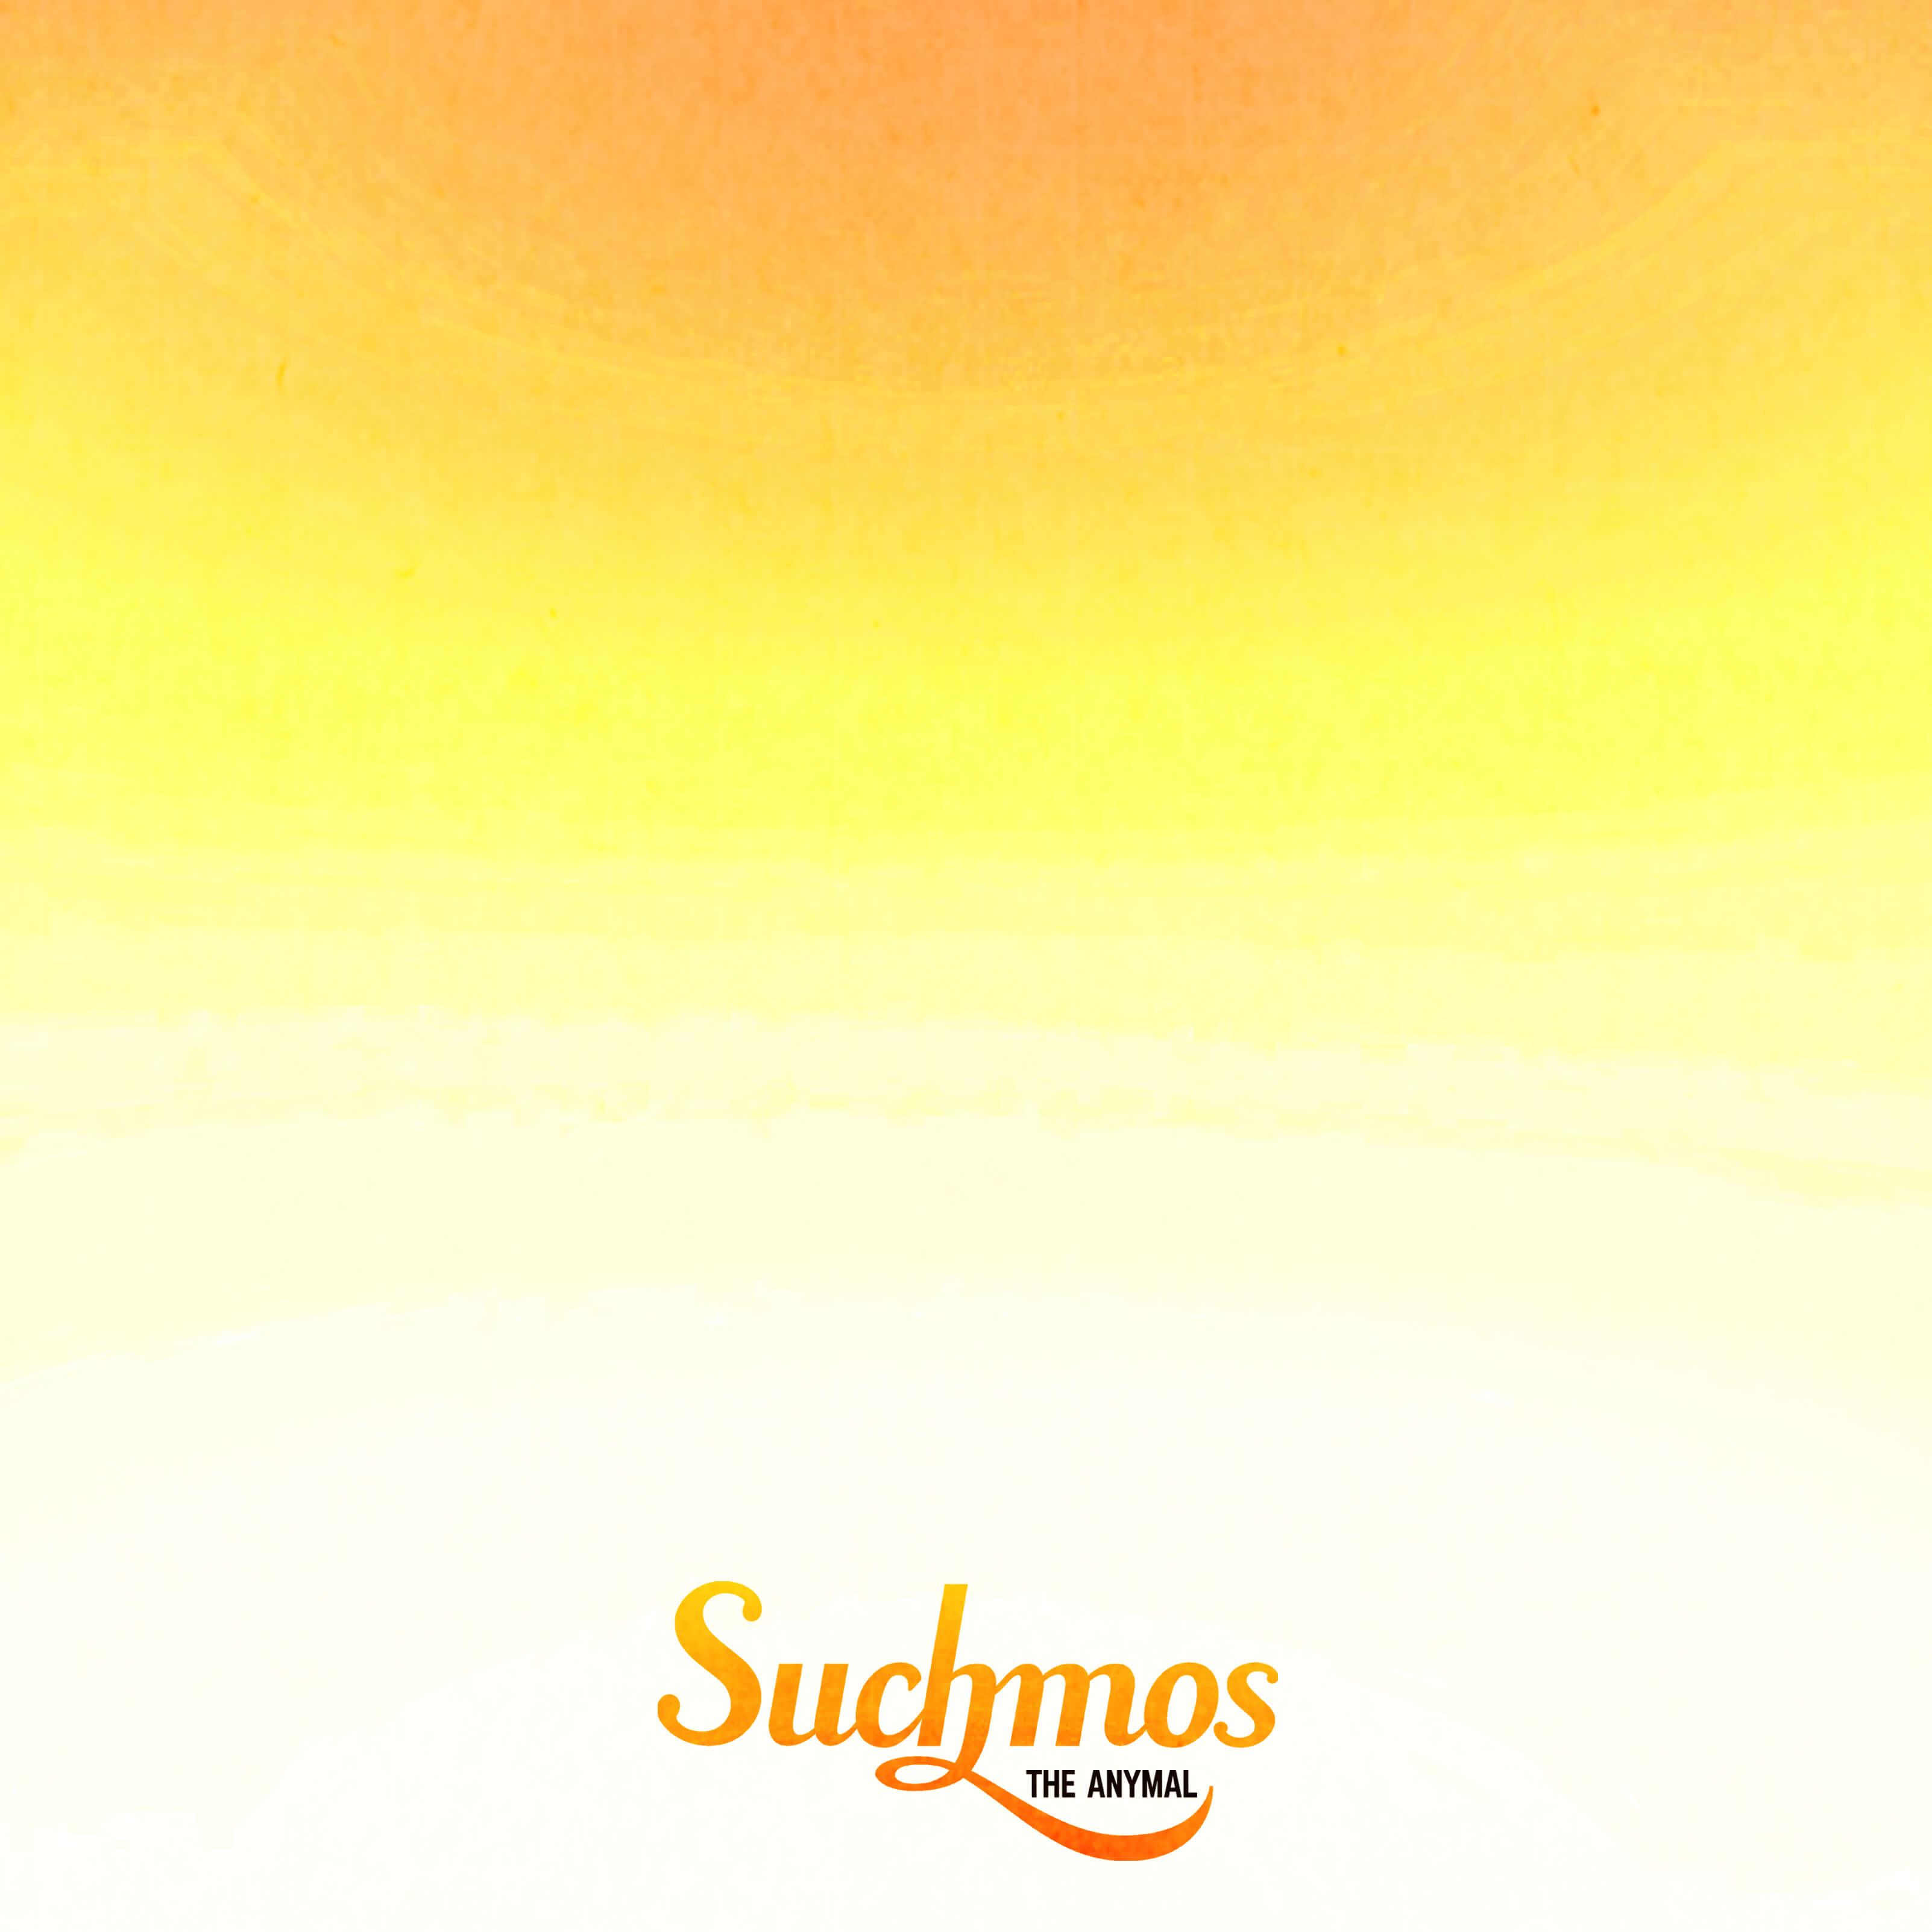 Suchmos_MUSIC DELIVERY_THE ANYMAL_truck_サチモス_ザアニマル_トラック_移動販売_アルバム_ジャケット_album_jacket